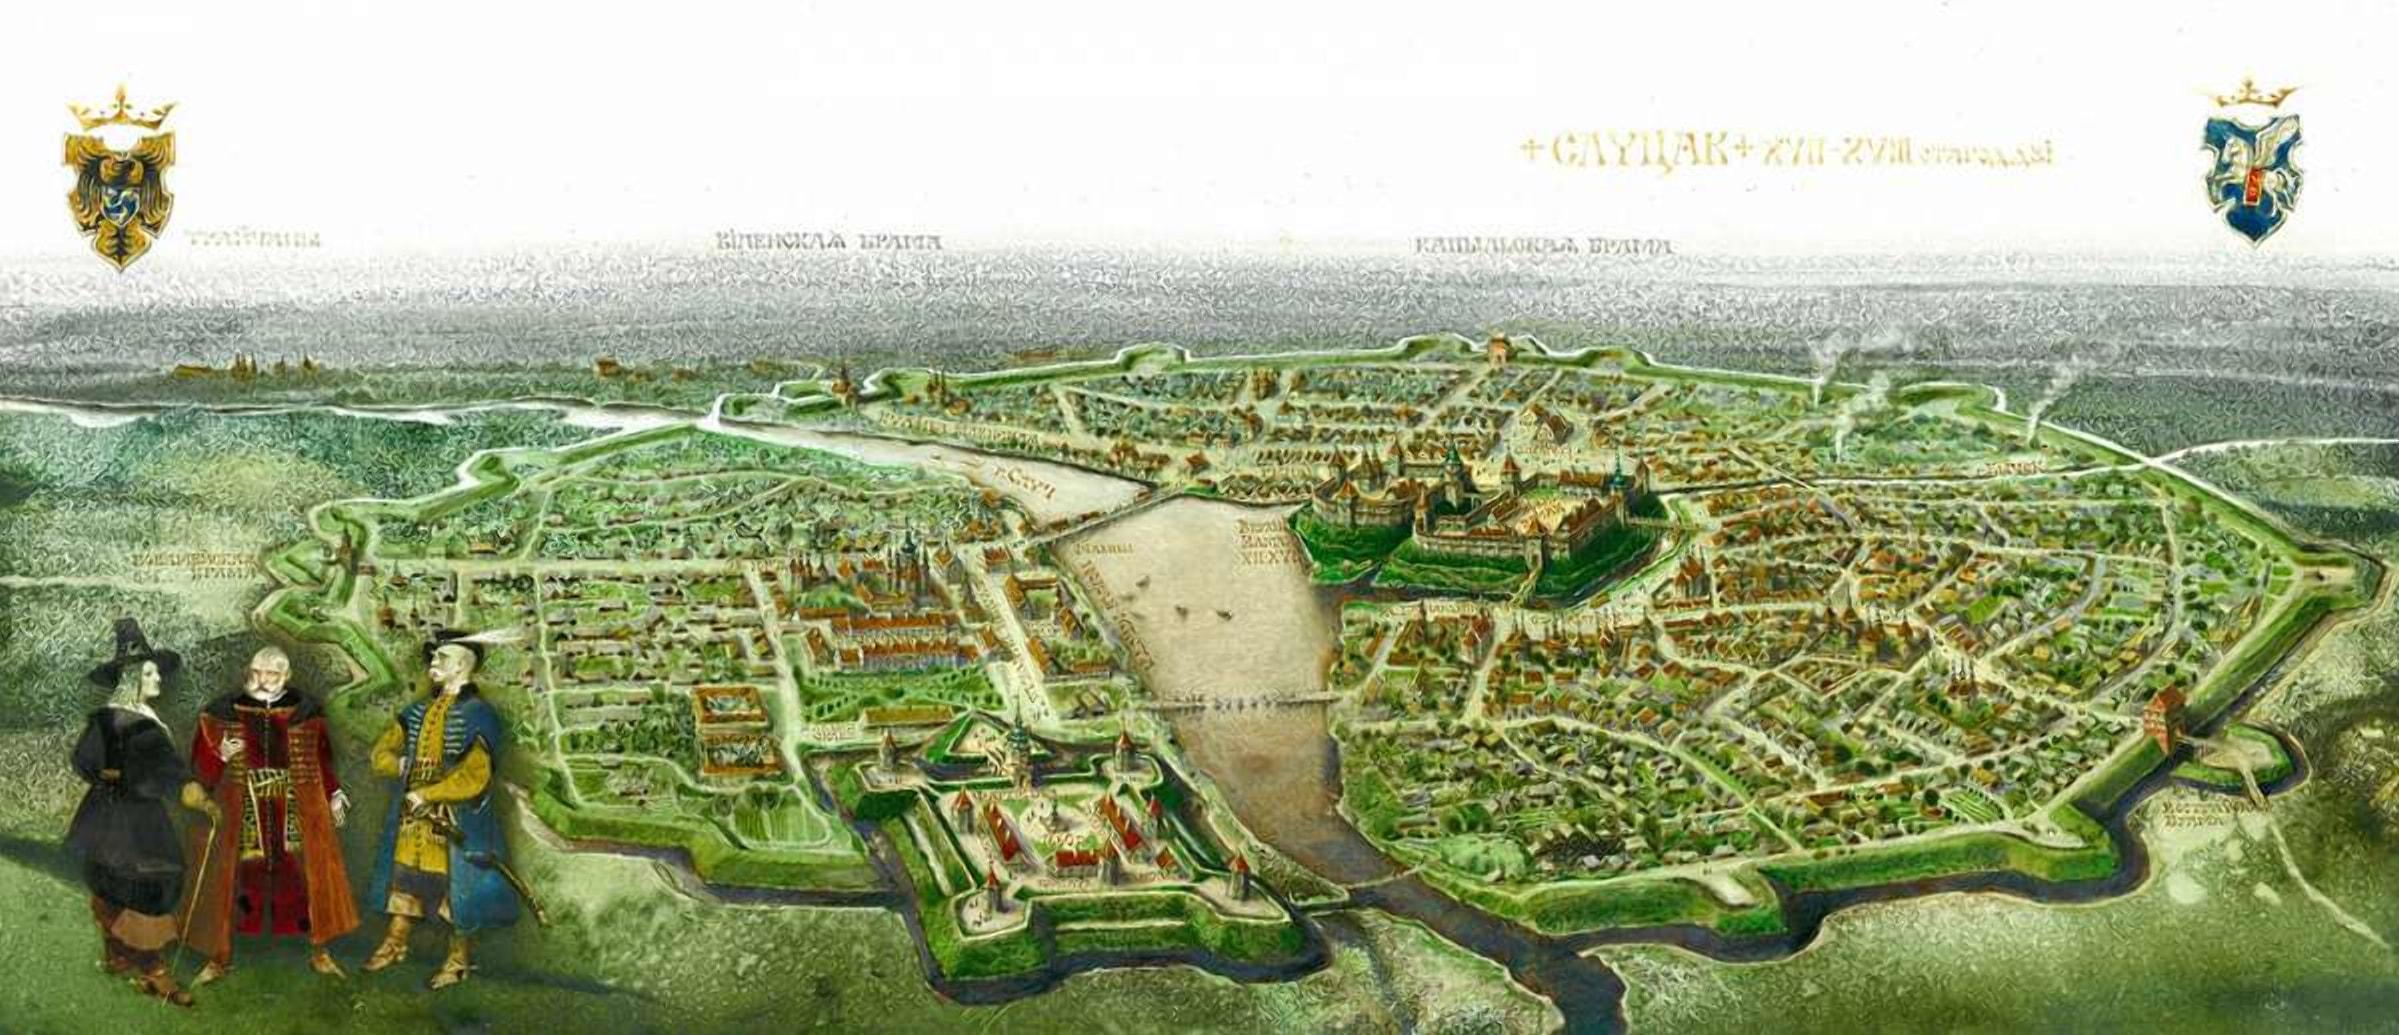 Слуцк в средние века был крупным городом